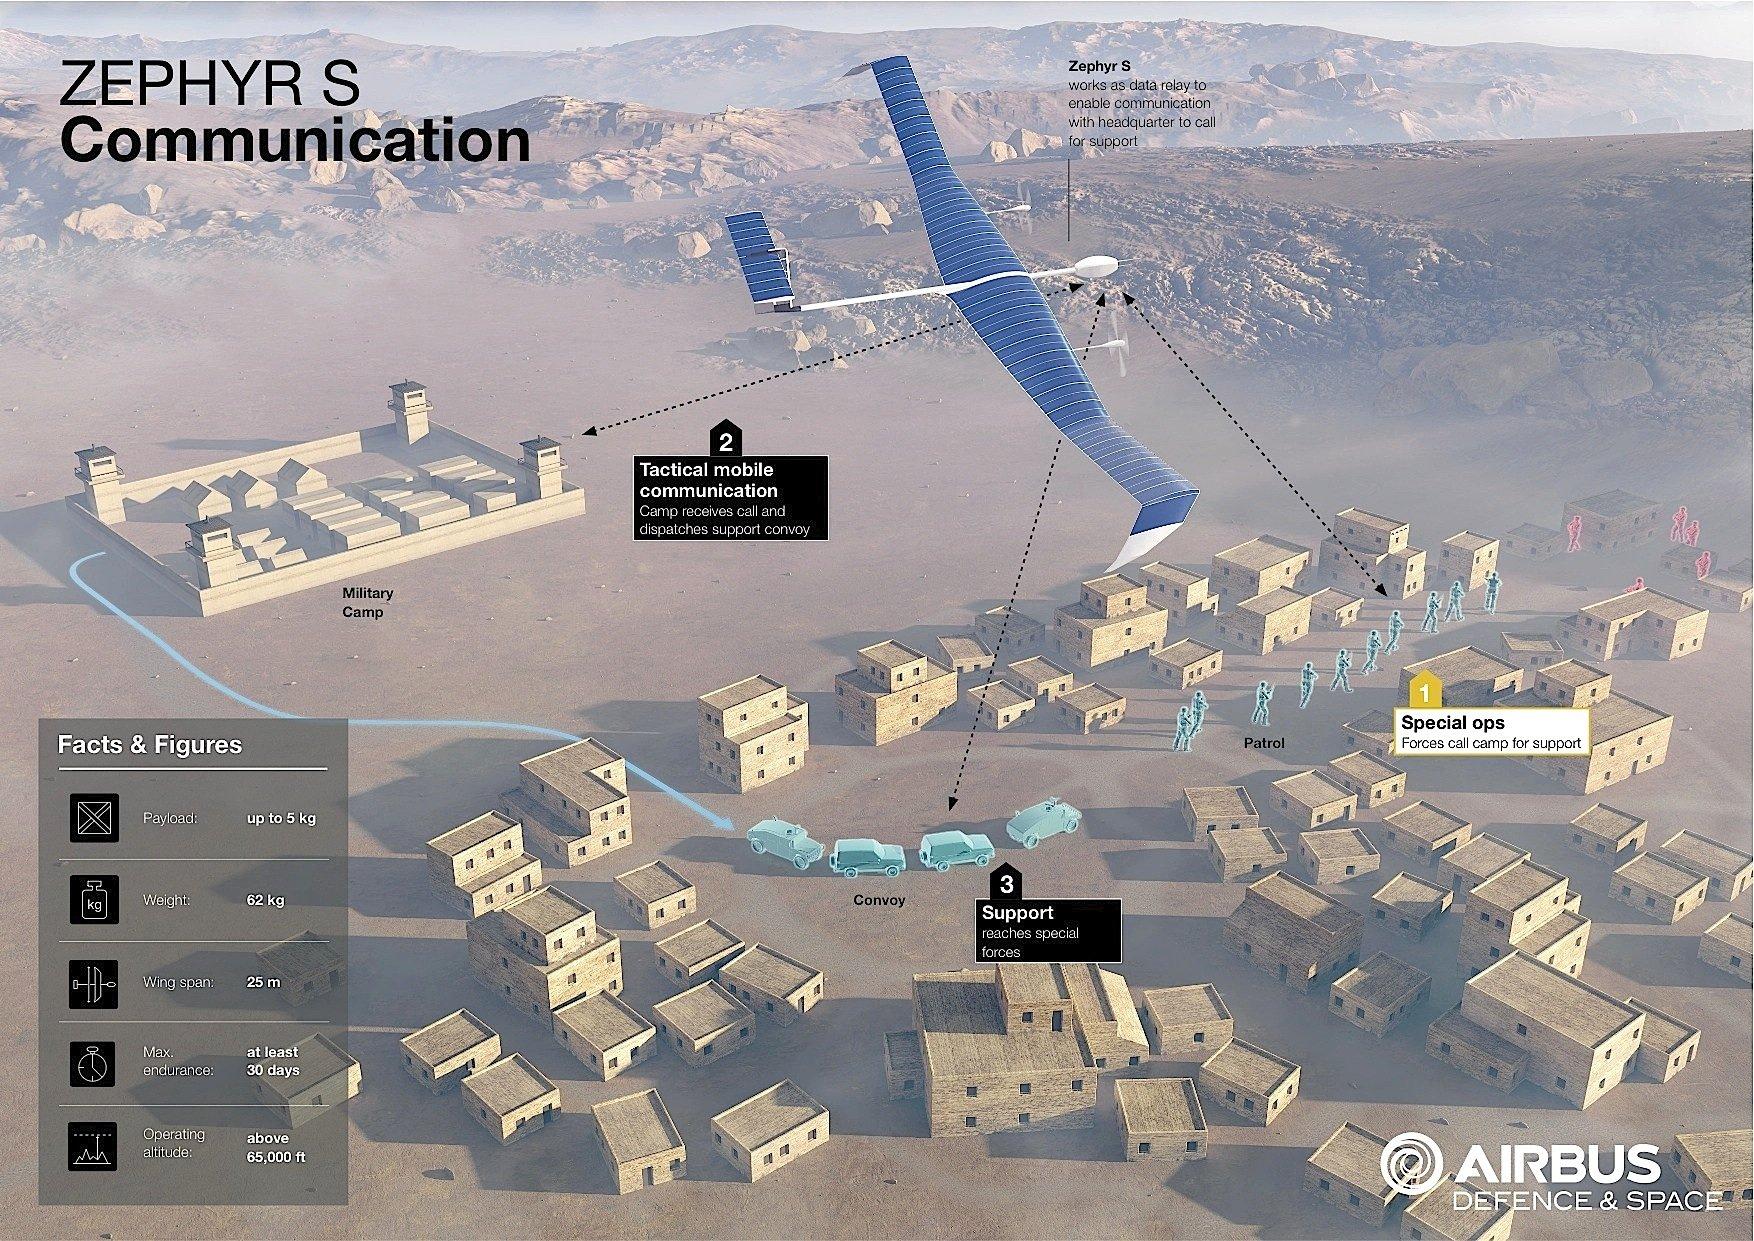 Besonders für Militärs interessant: Die Zephyr-Dronen können lokale Kommunikationsnetze aufbauen und damit die Truppen in Konfliktfällen unterstützen. Zudem können sie Informationen aus der Luft sammeln.